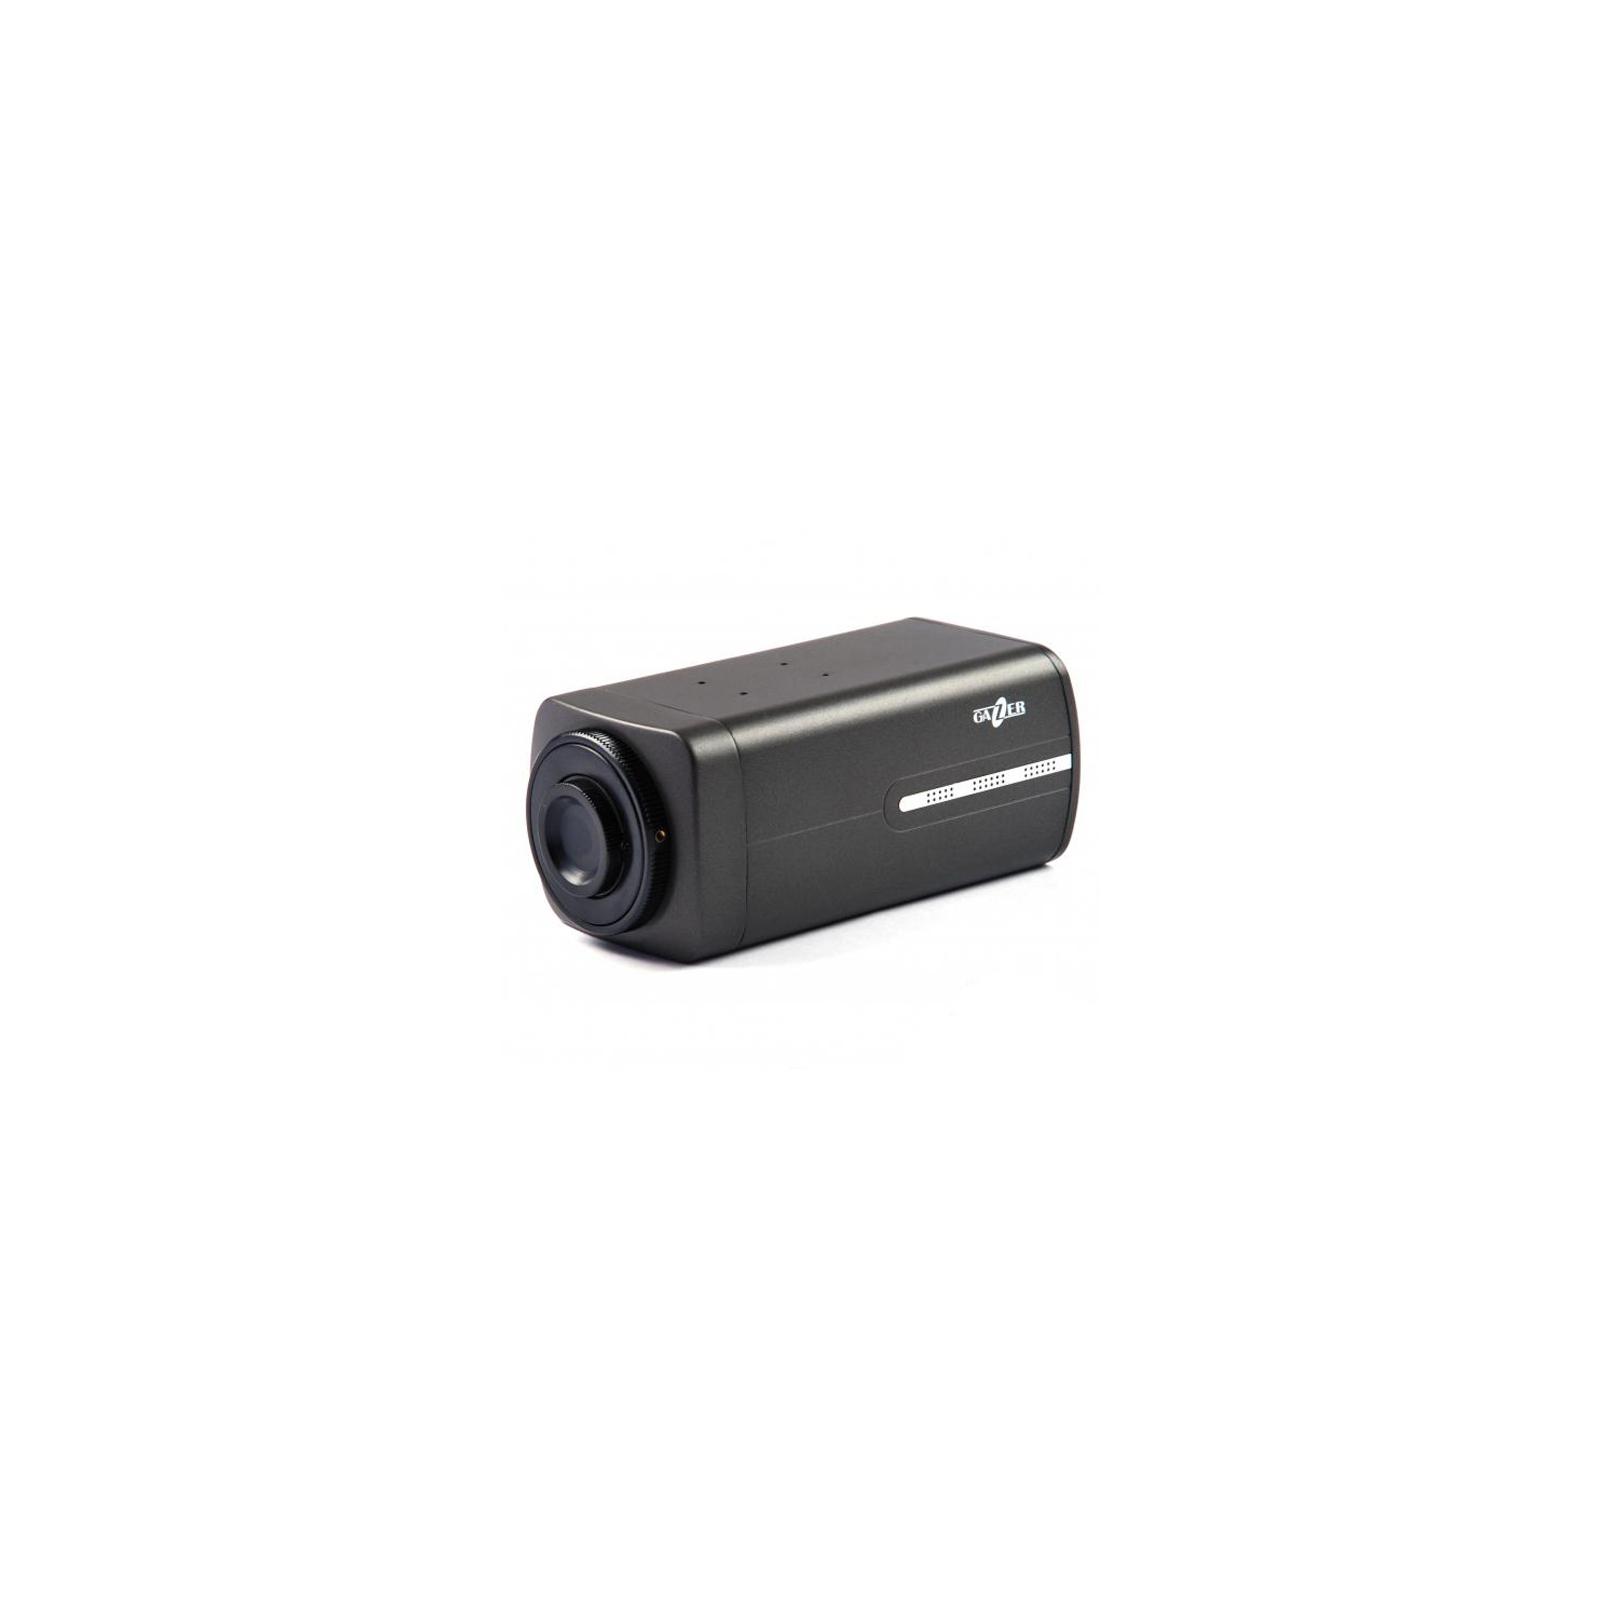 Камера видеонаблюдения Gazer SVC СF104 (F104) изображение 2